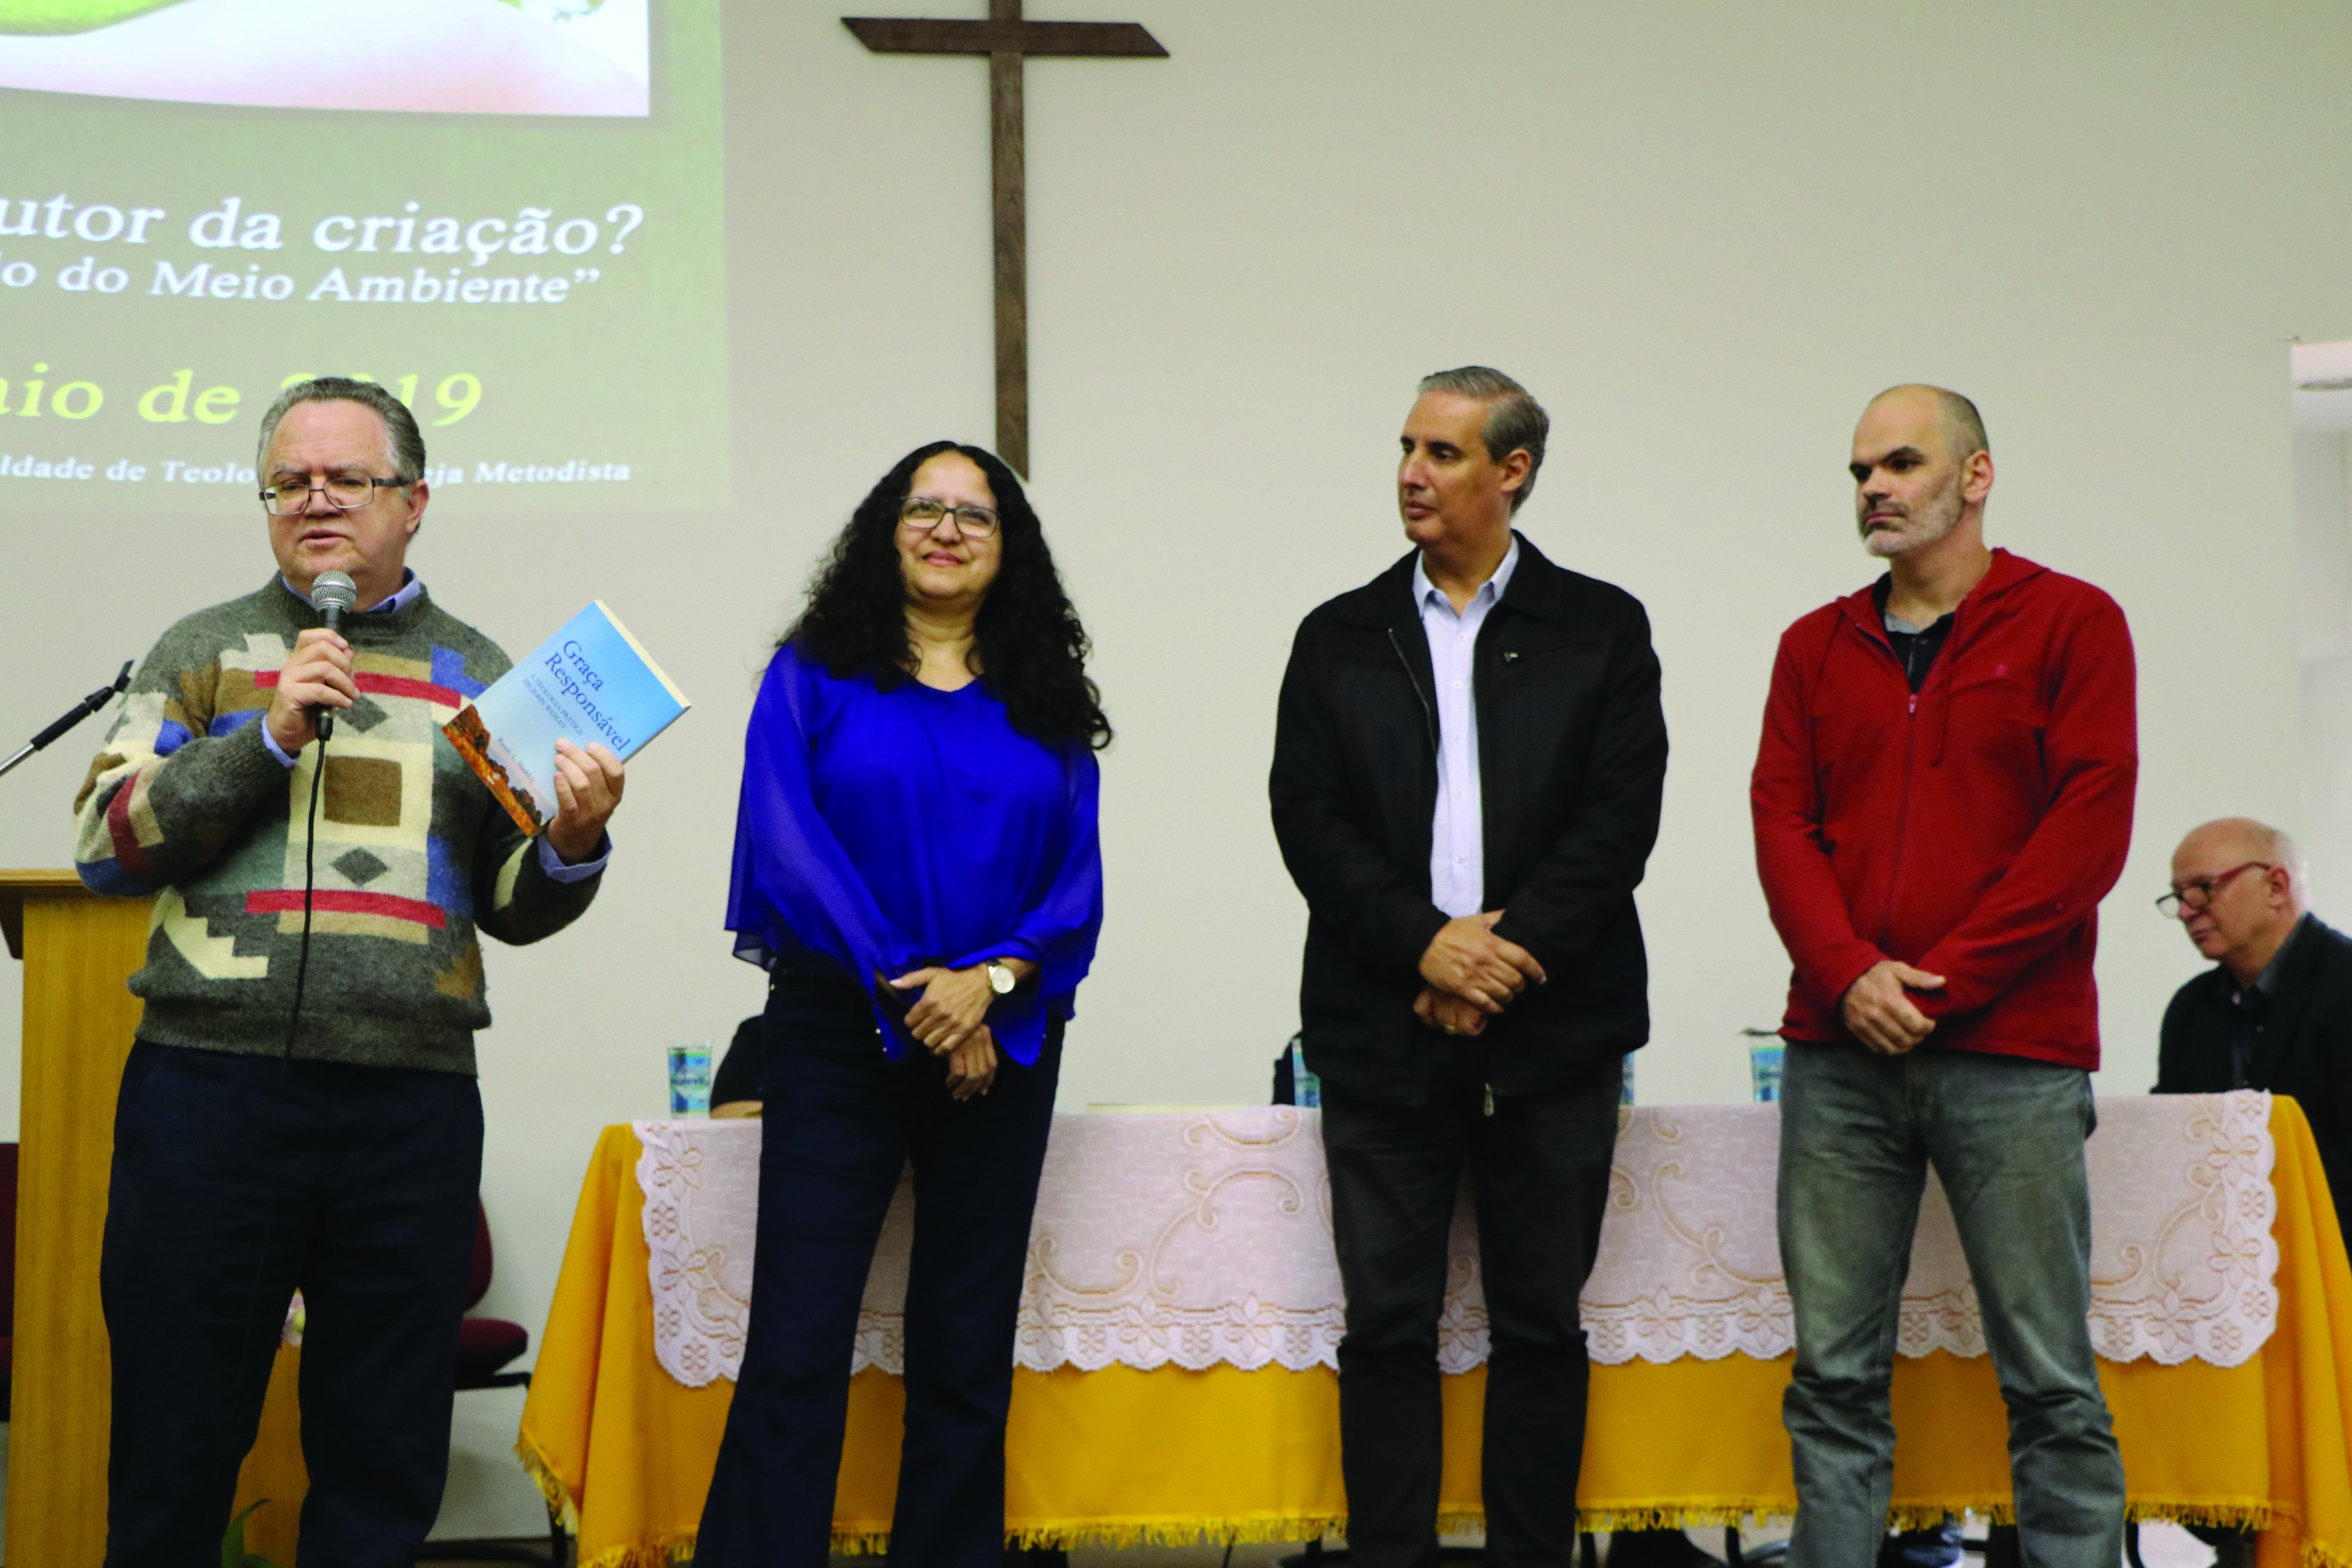 Angular Editora integra Conferência na 68ª Semana Wesleyana, junto com a SBB e a Fateo